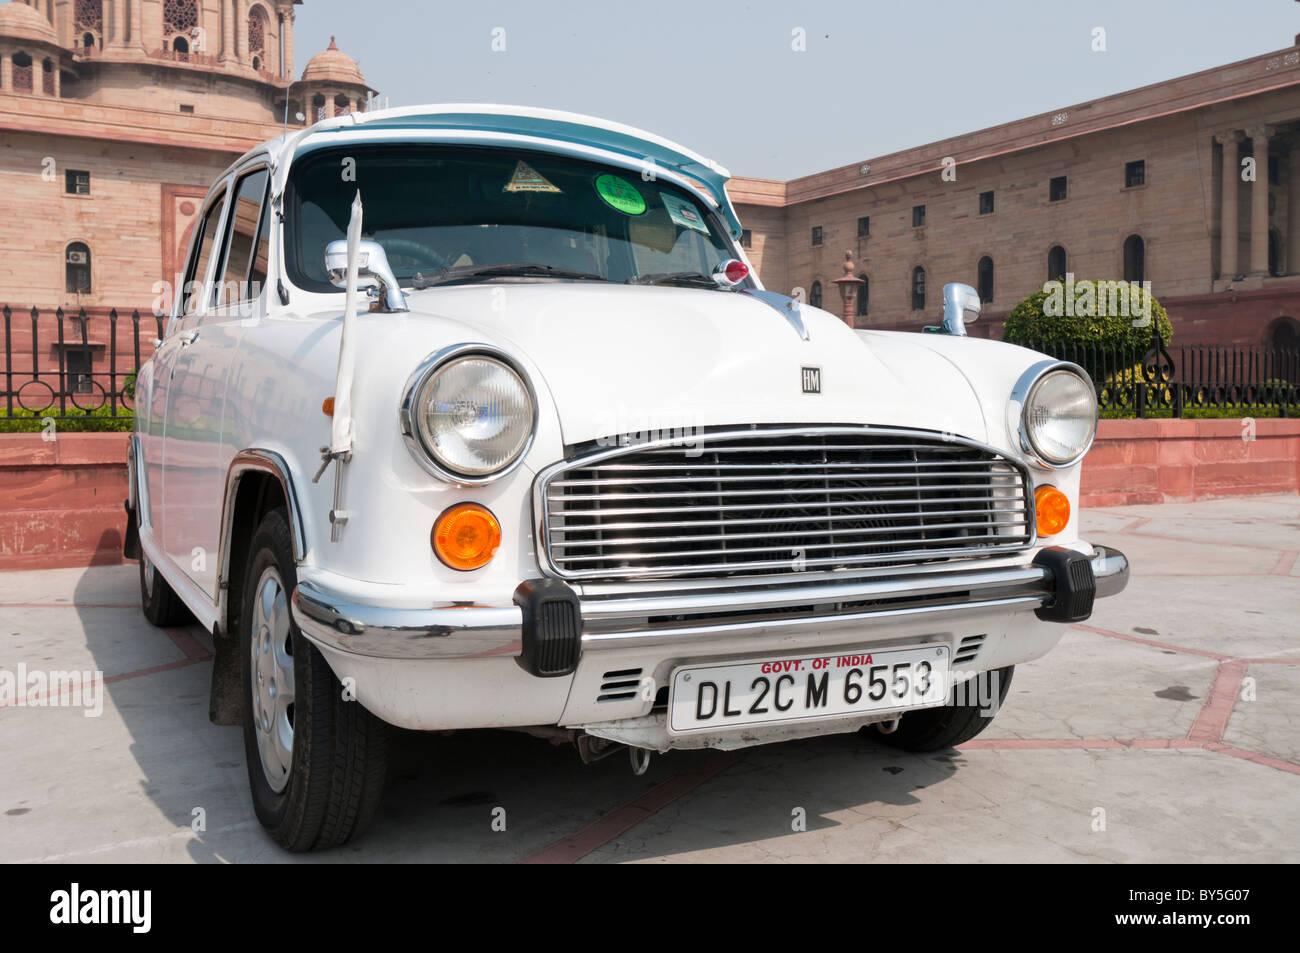 White Ambassador Car - Stock Image